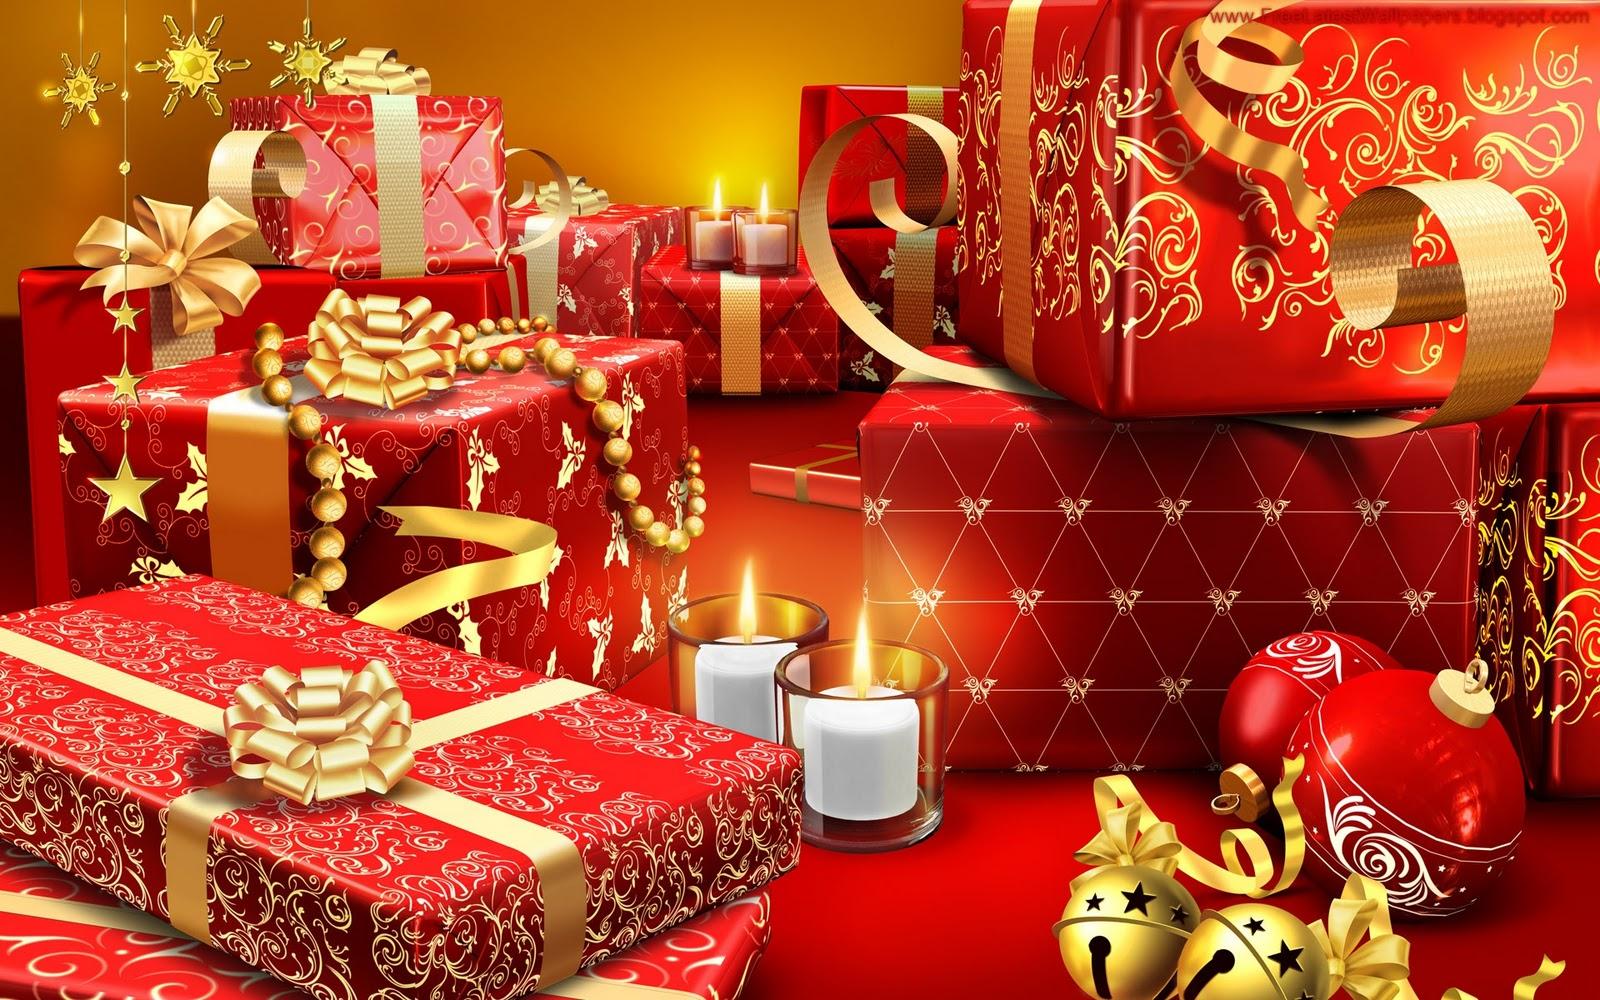 christmas wallpaperschristmas desktop wallpaperfree christmas wallpaperchristmas wallpaperchristmas wallpapers freechristmas wallpapers and